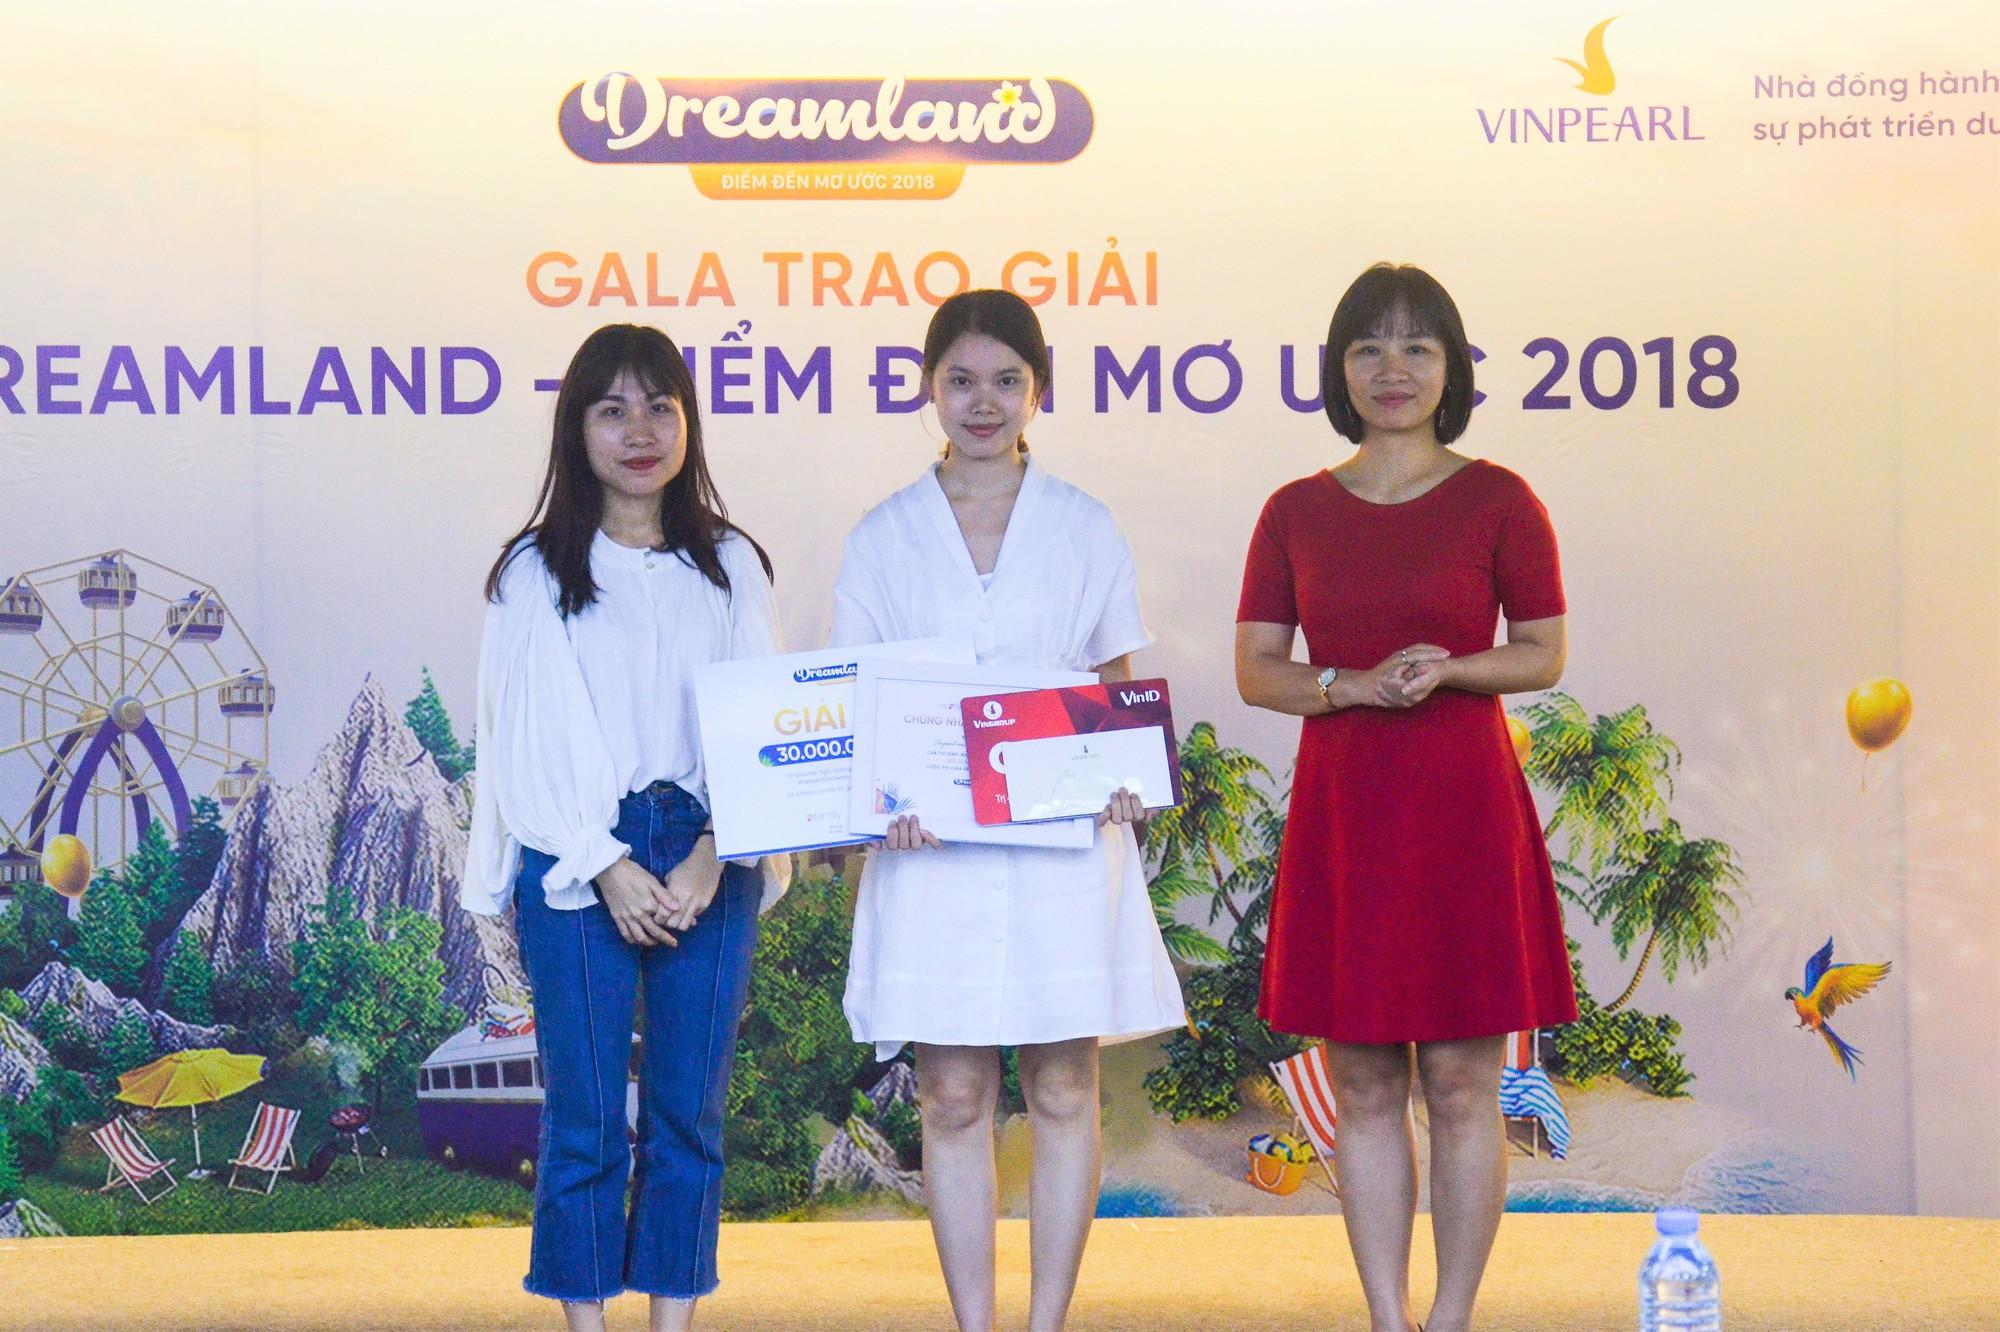 Gala trao giải Dreamland 2018: Tiếp bước đến những vùng đất trong mơ